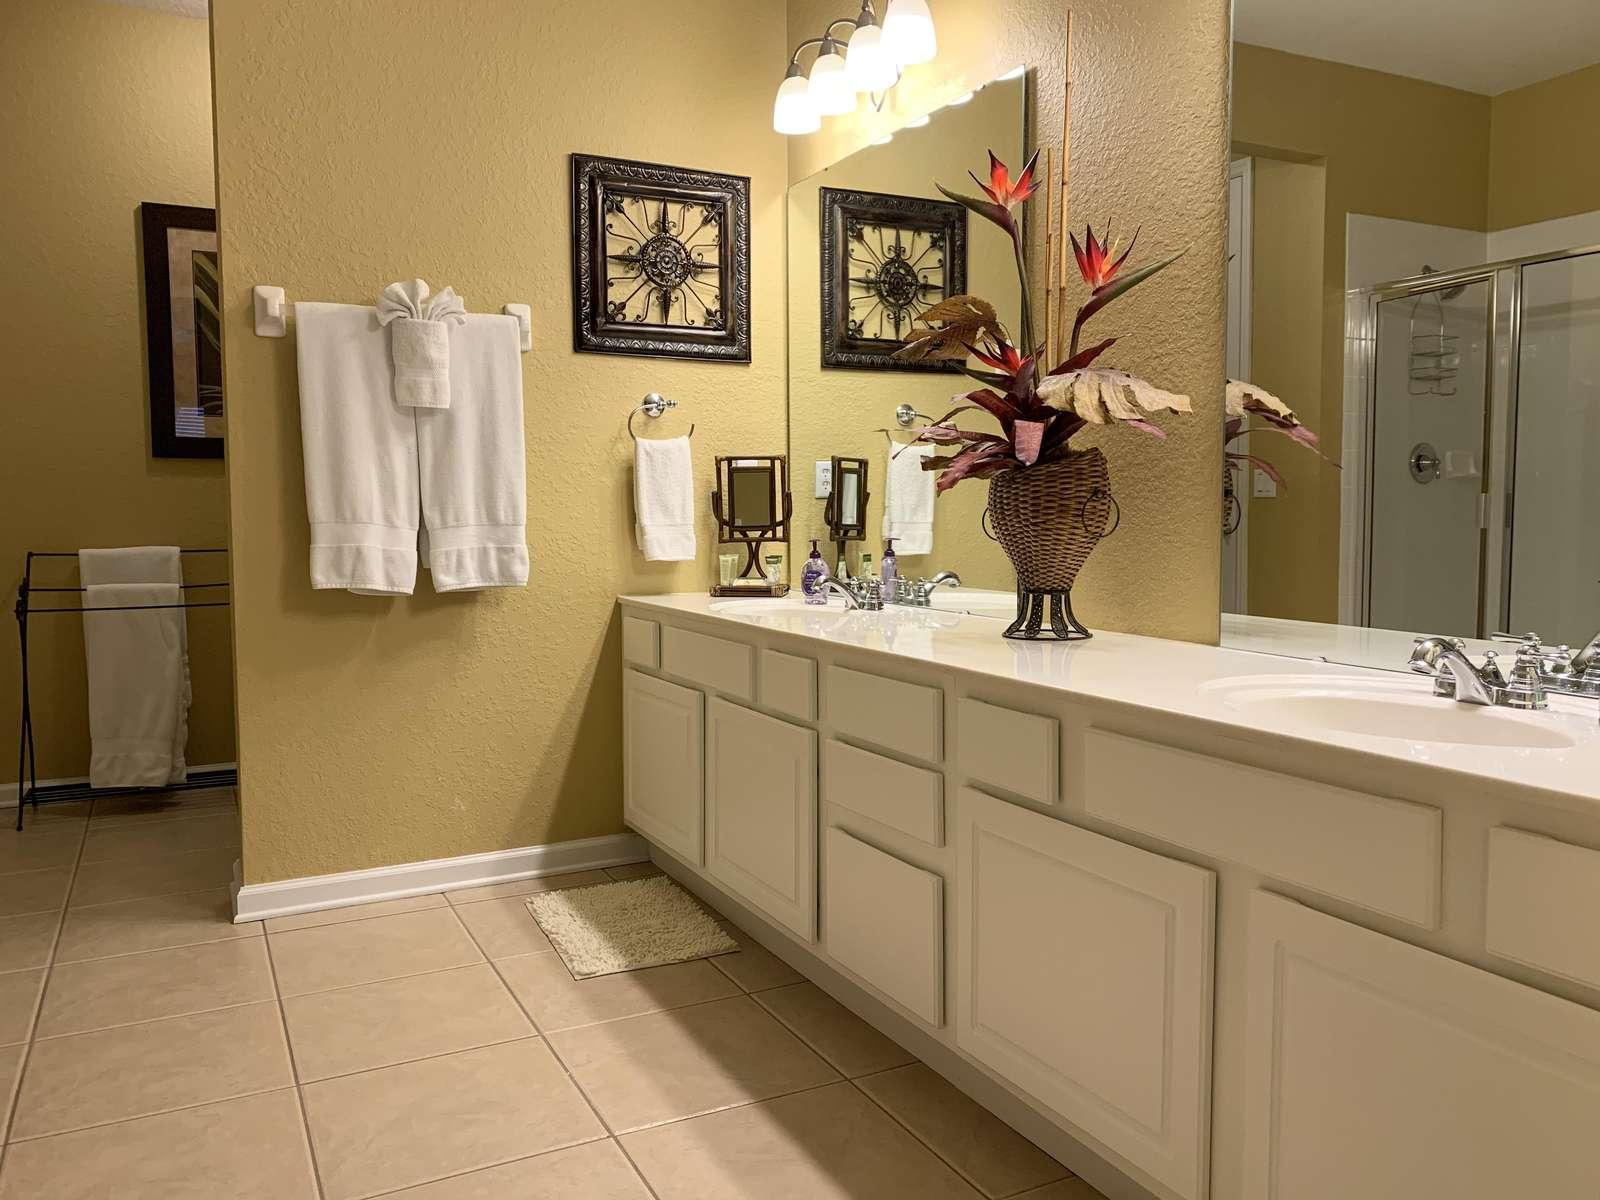 En-suite master bathroom with double sinks